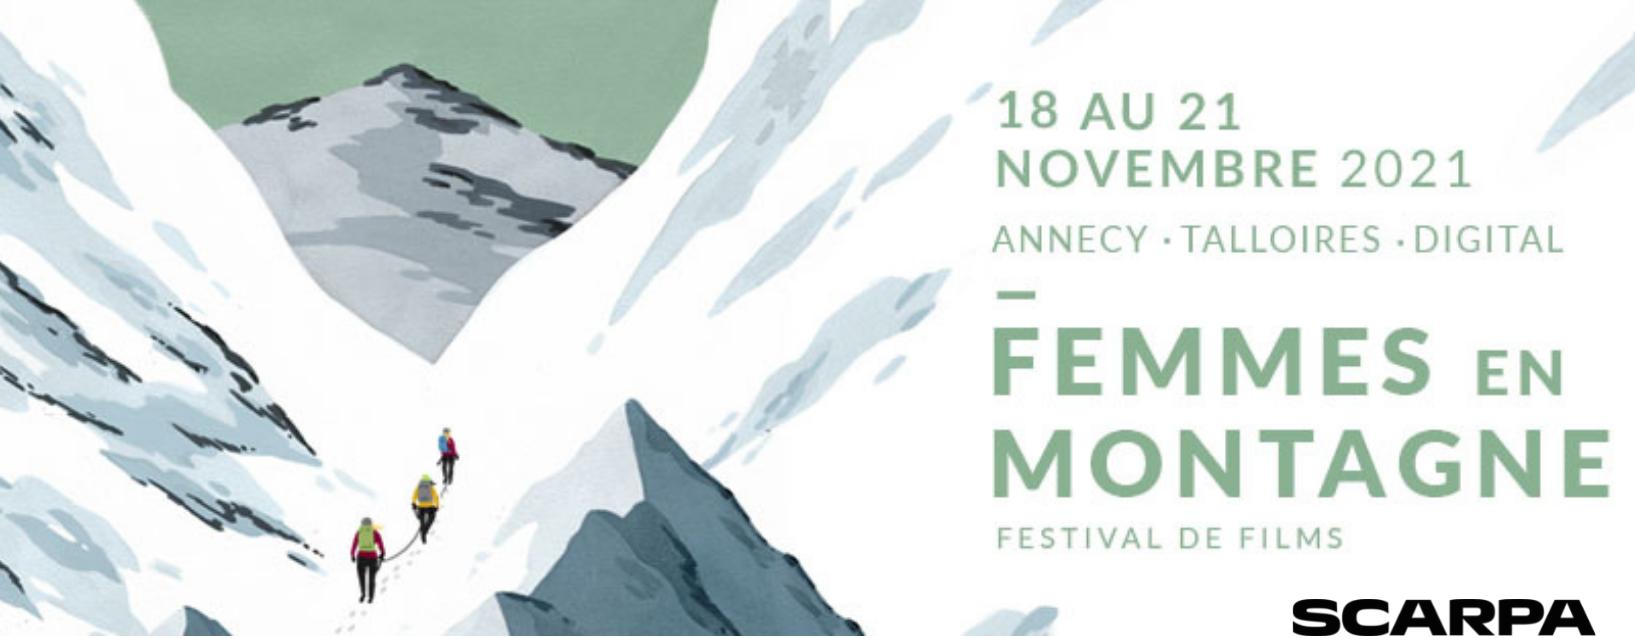 festival femmes en montagne banniere FEM 2021